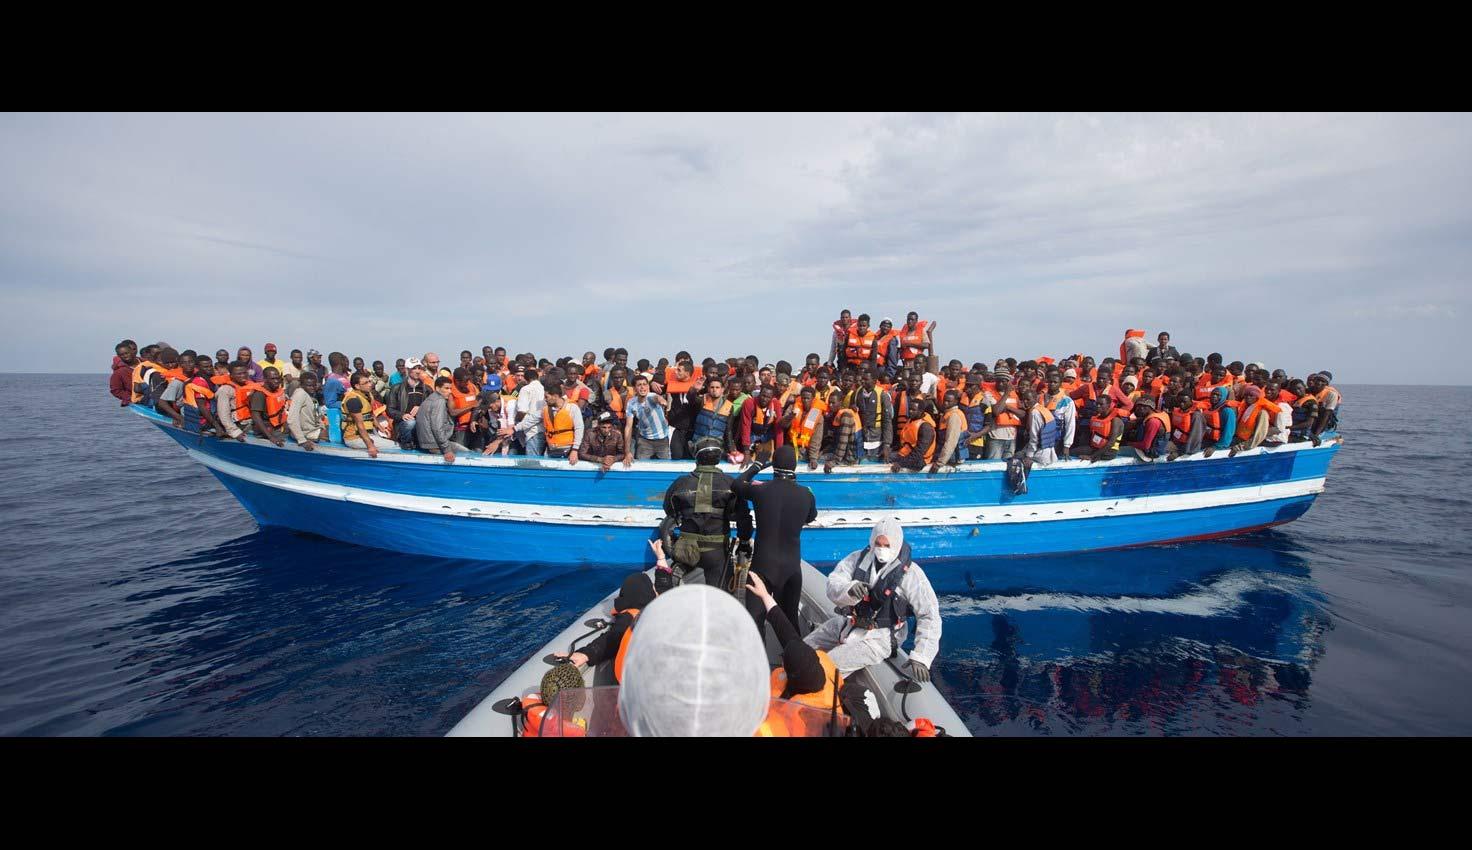 Se encontraban en las aguas del Mediterráneo, entre Sicilia y el norte de África